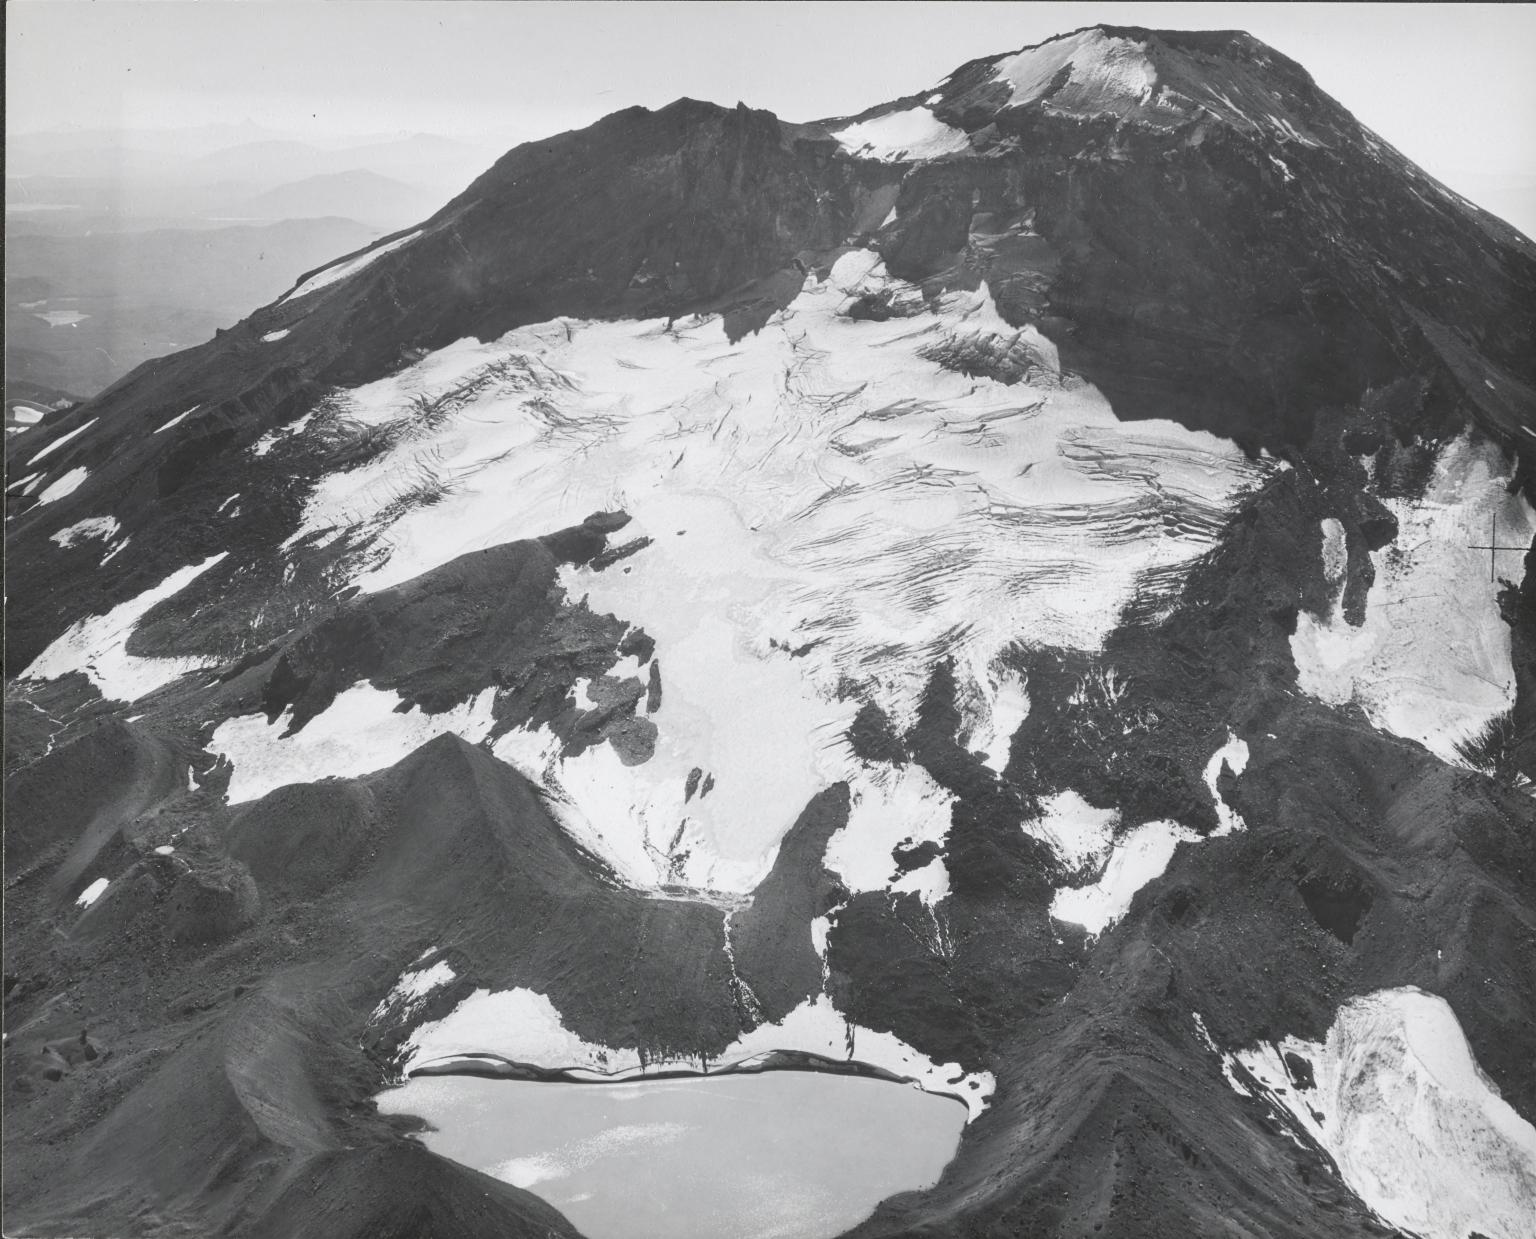 Prouty Glacier, Oregon